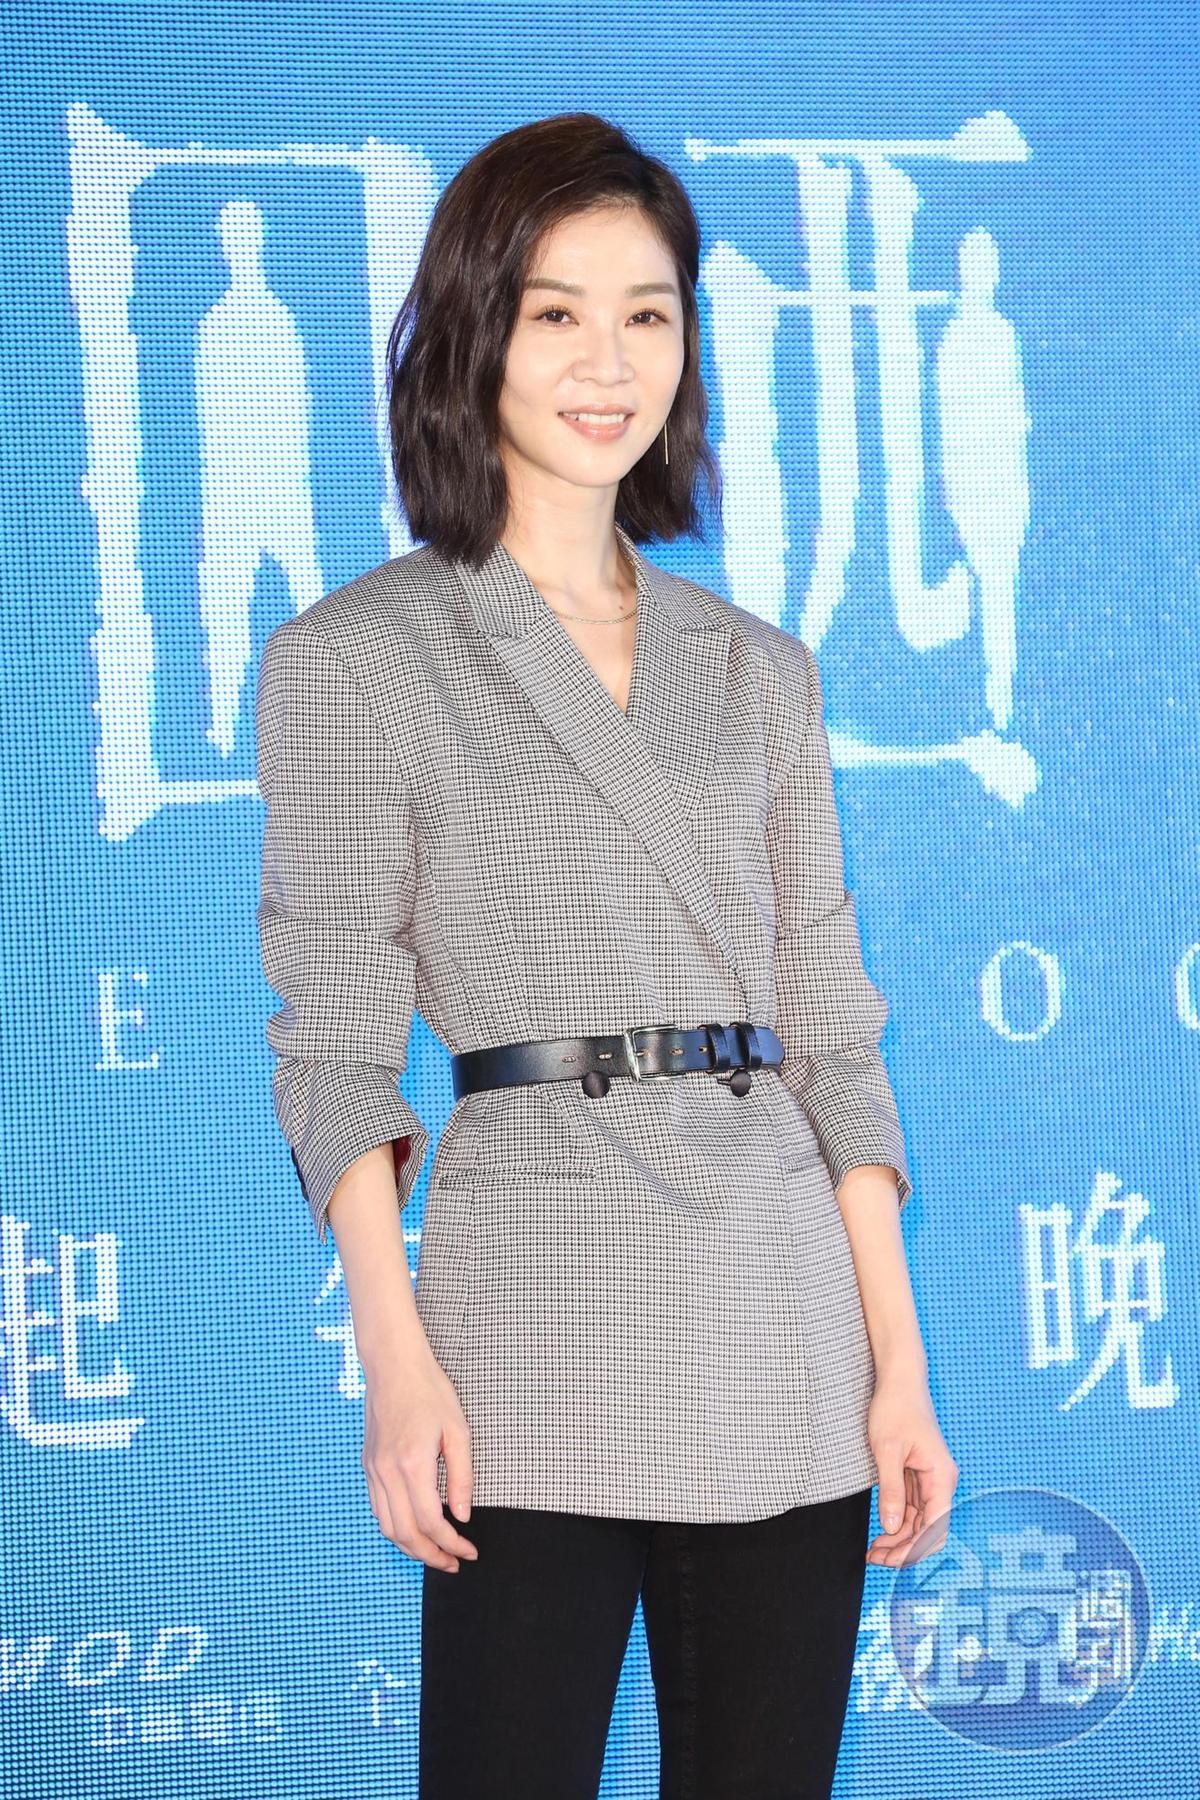 謝盈萱在戲中演被流氓男鬼附身的氣質美女秀淇,戲中不少打戲令她吃盡苦頭。